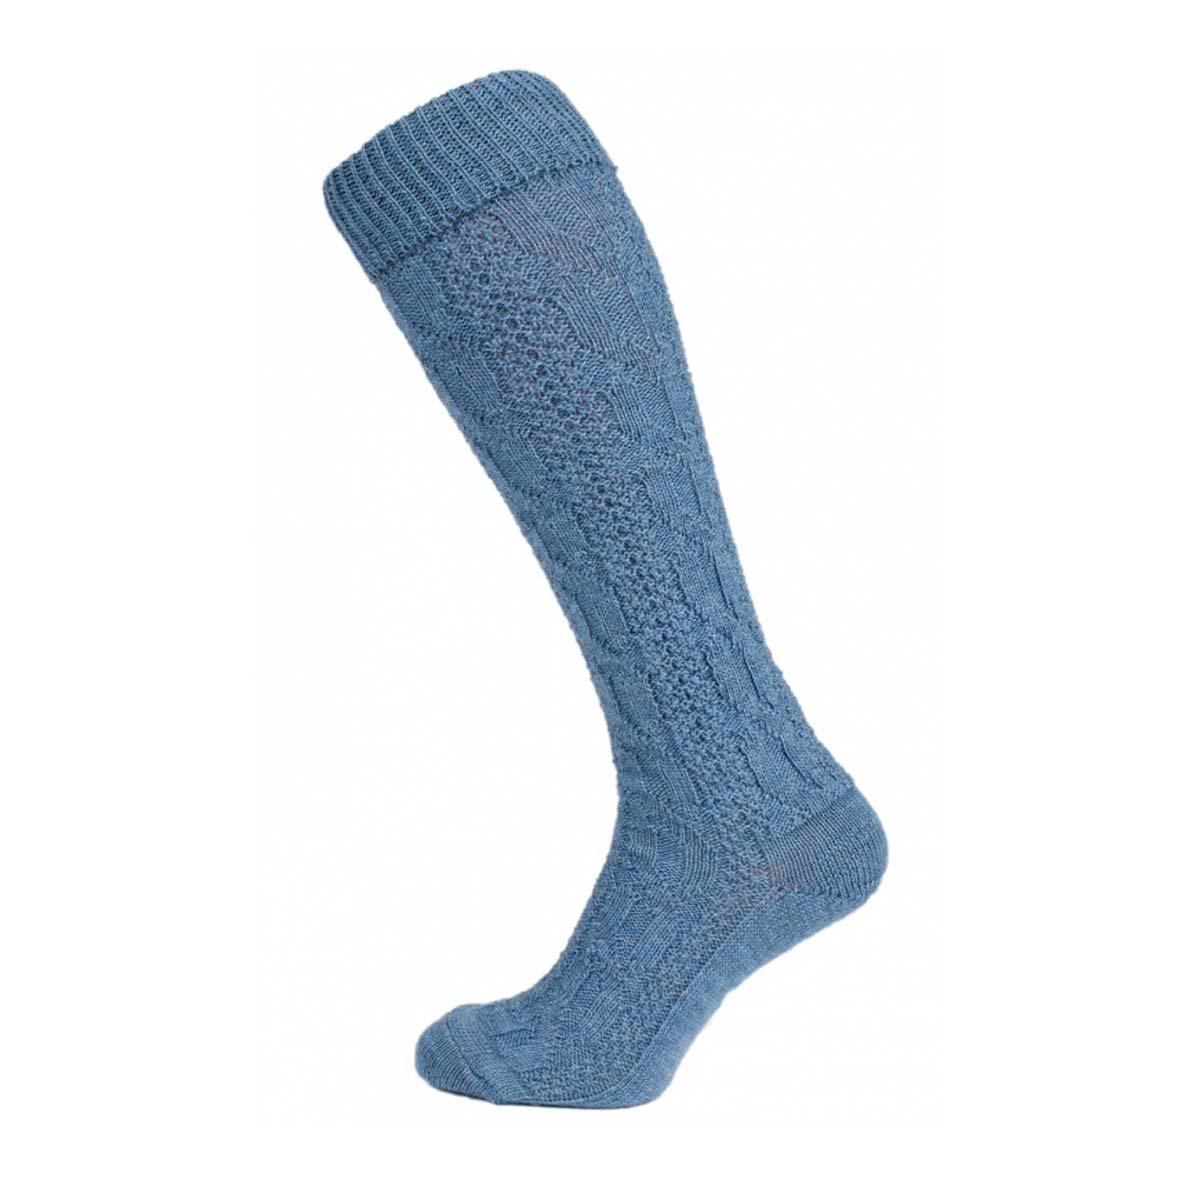 BLUE MEN SOCKS